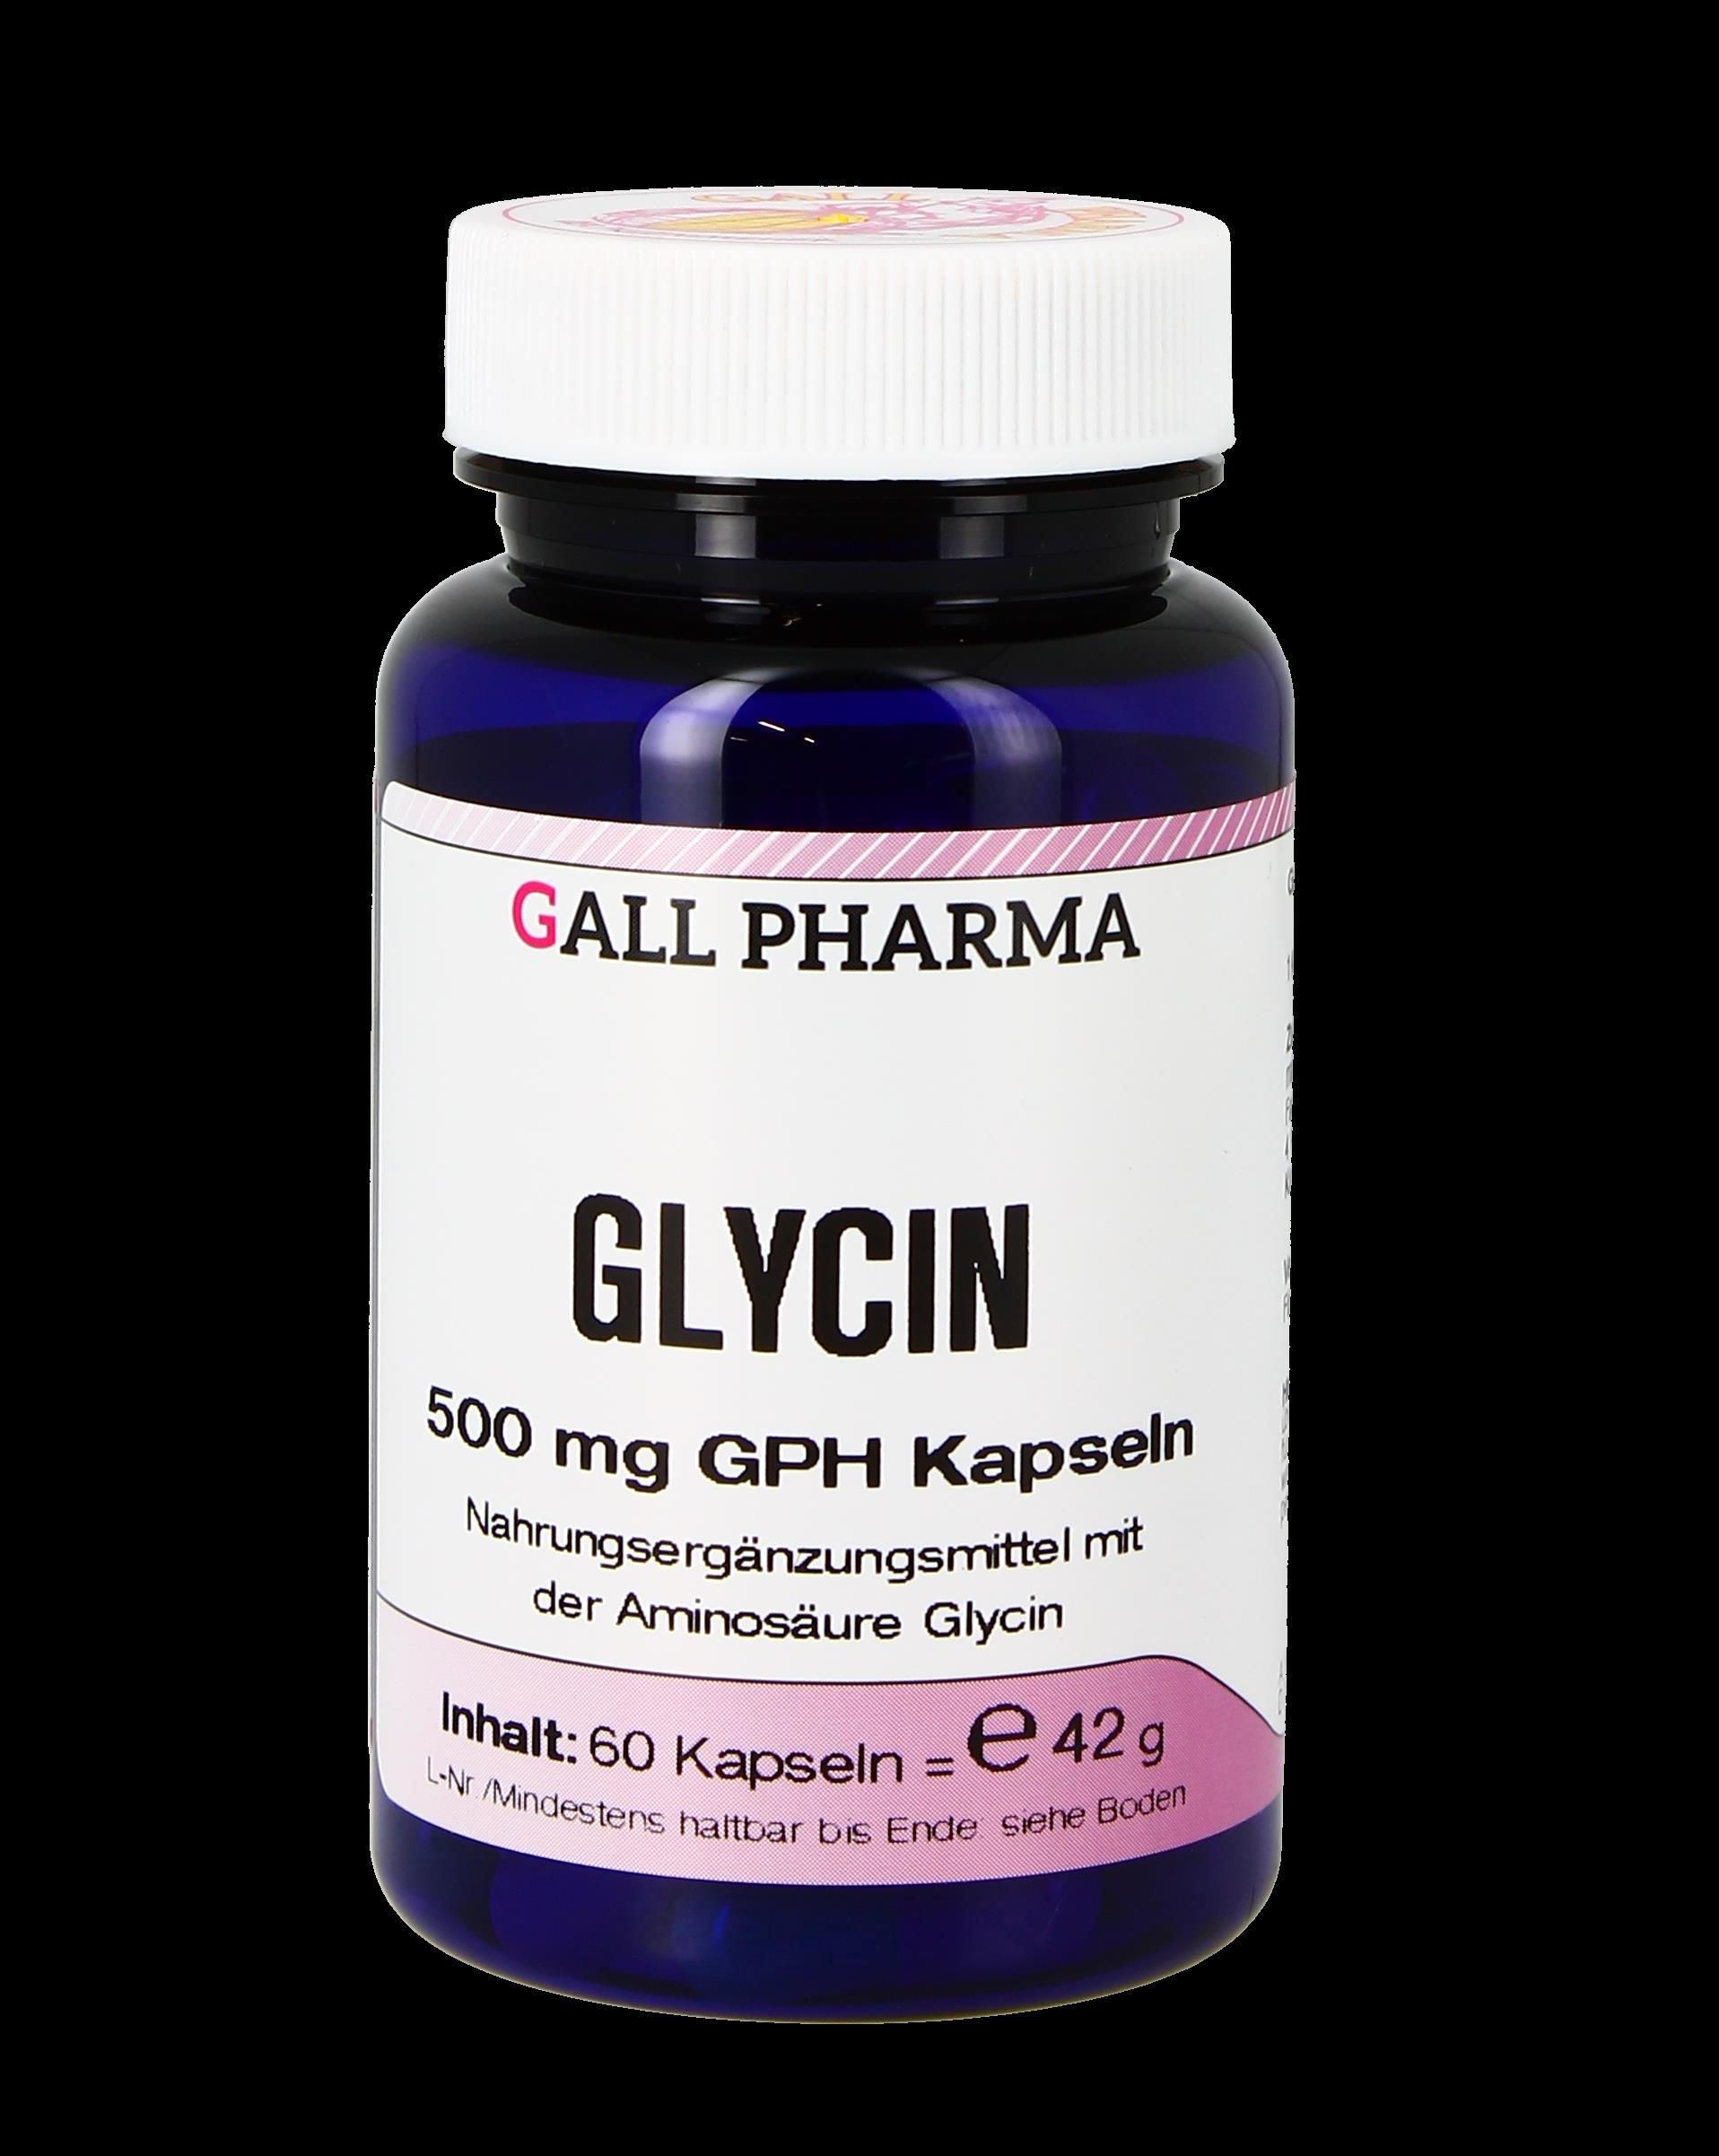 Glycin 500 mg GPH Kapseln